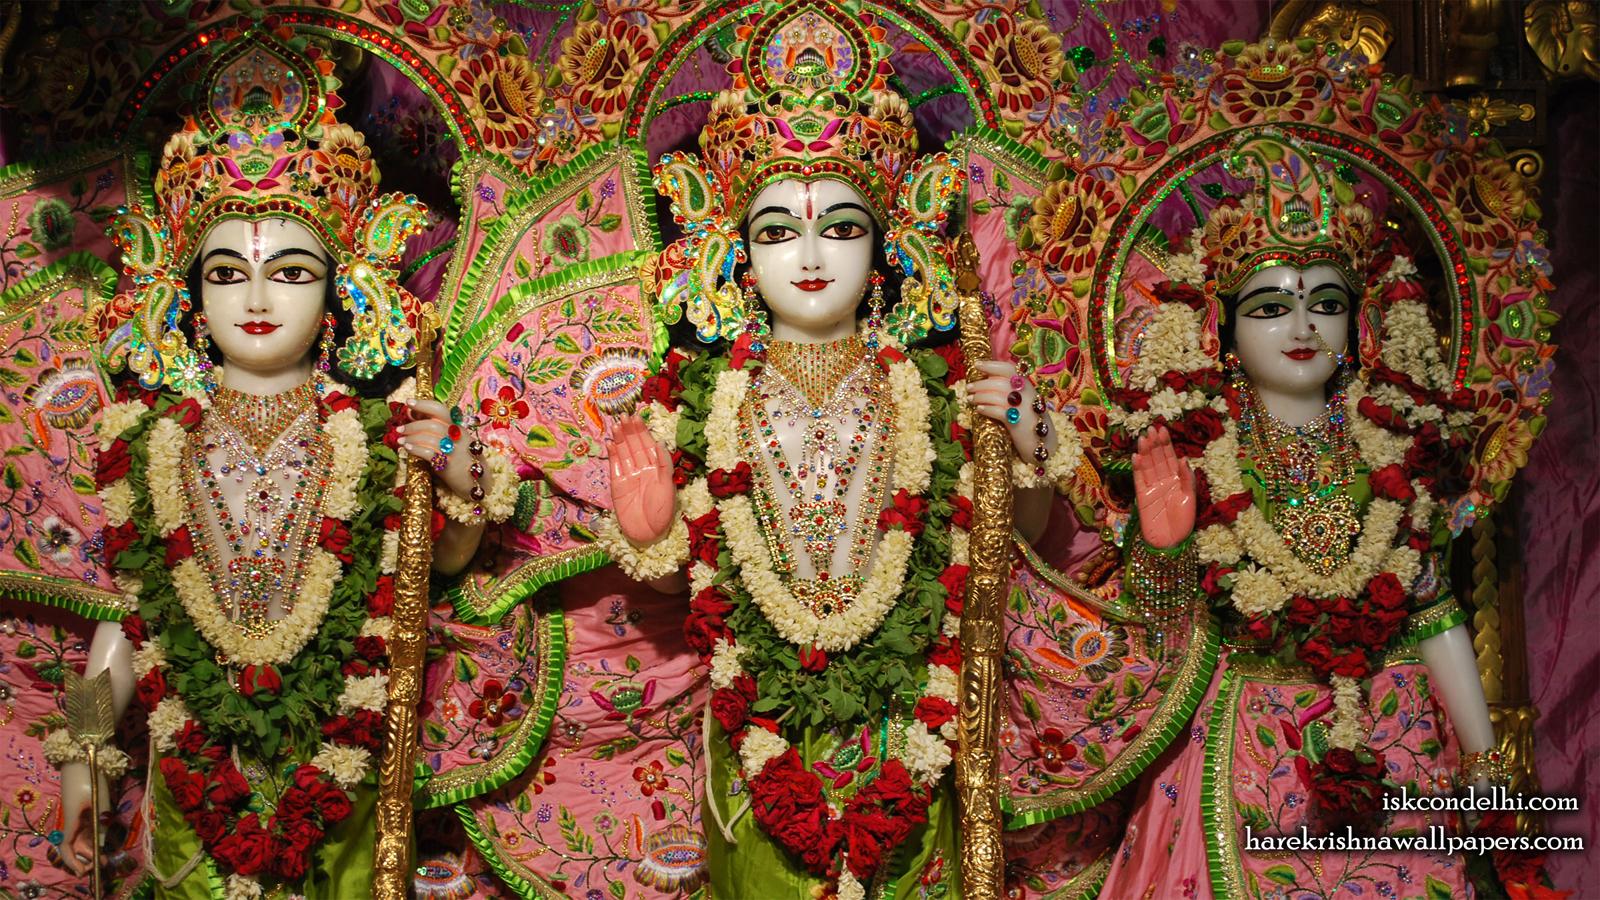 Sri Sri Sita Rama Laxman Wallpaper (006) Size 1600x900 Download